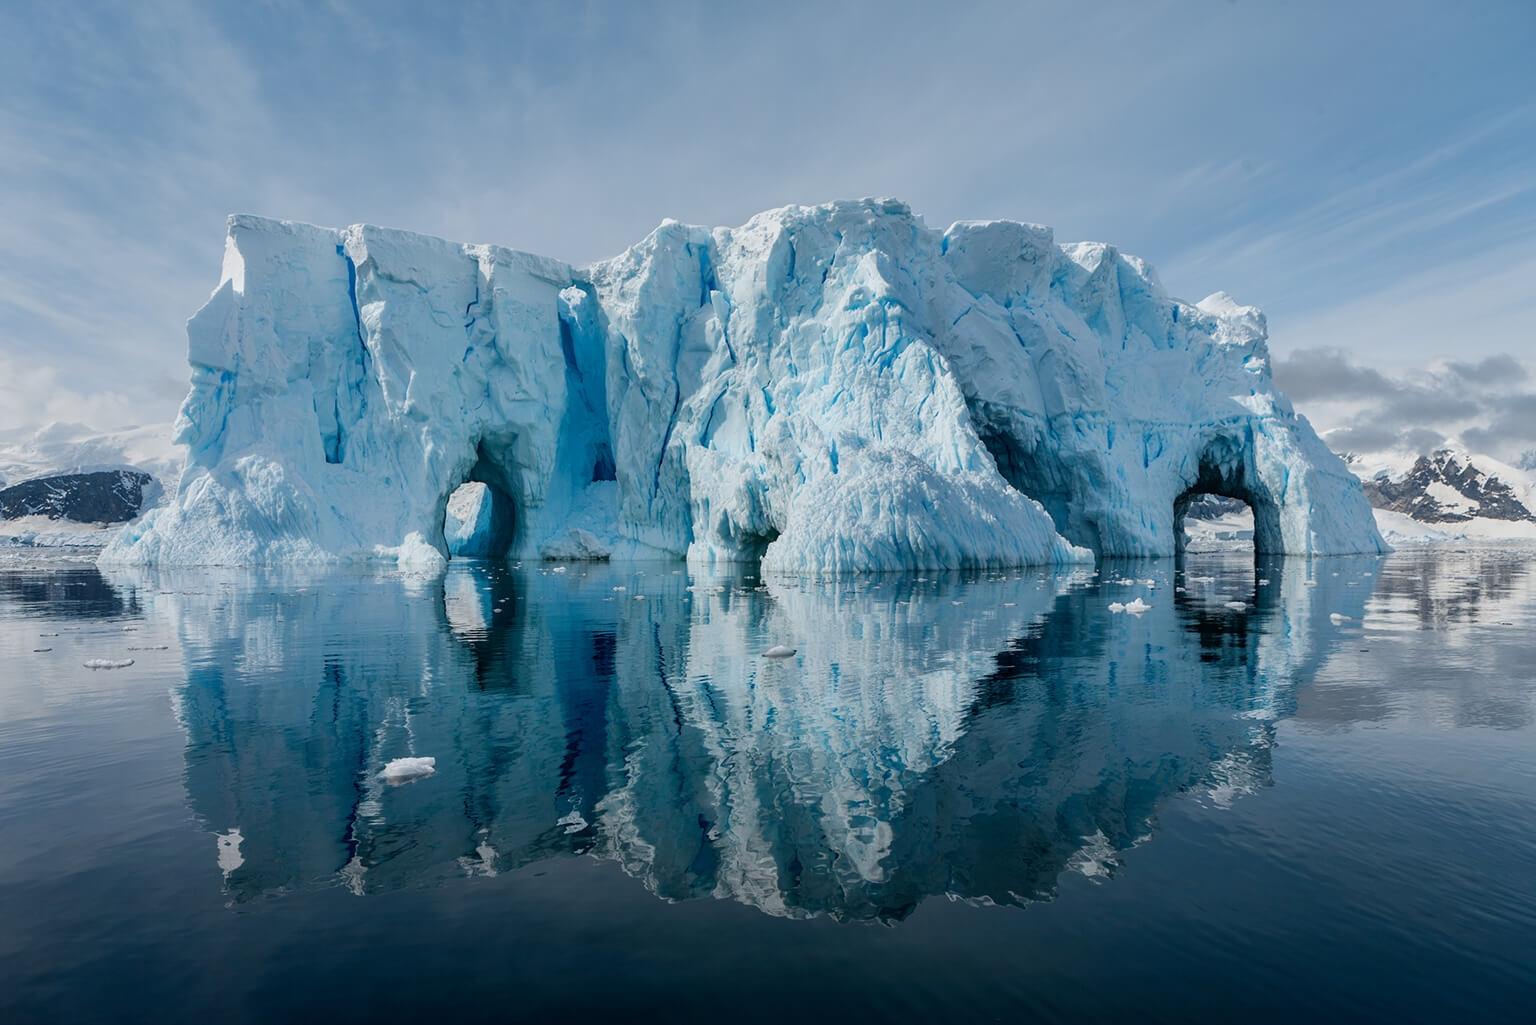 南極半島西部的暖化速度,比地球上其他地區快了好幾倍。南極半島西部共有674道大小冰河,其中有90%正在後退,也崩裂出更多冰山到海中。照片中這座安沃爾灣的冰山就是其一。 攝影:卡米爾.希曼 CAMILLE SEAMAN